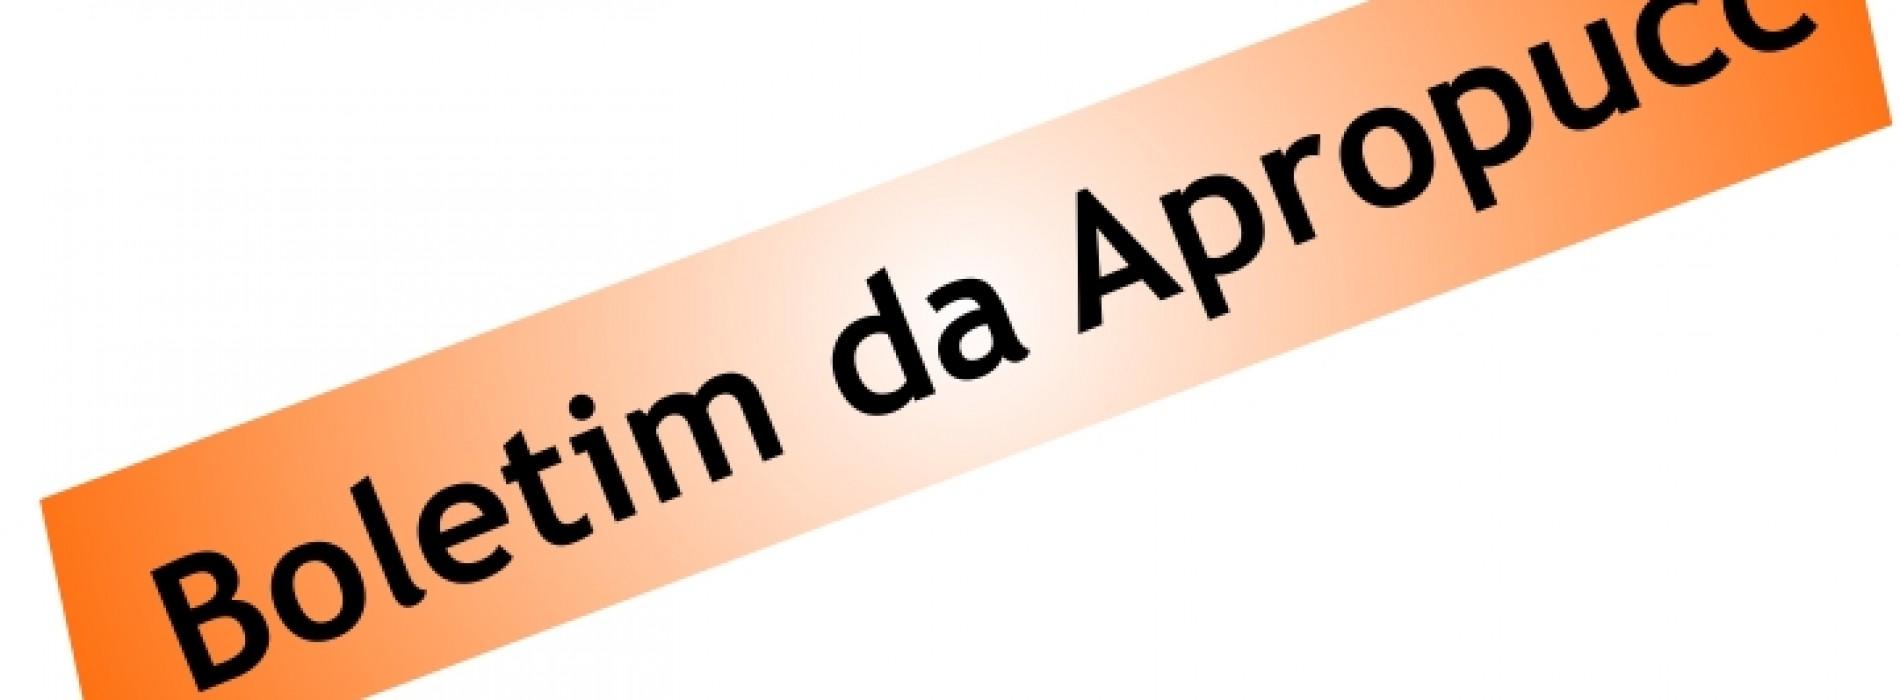 Boletim da Apropucc – 03/2015